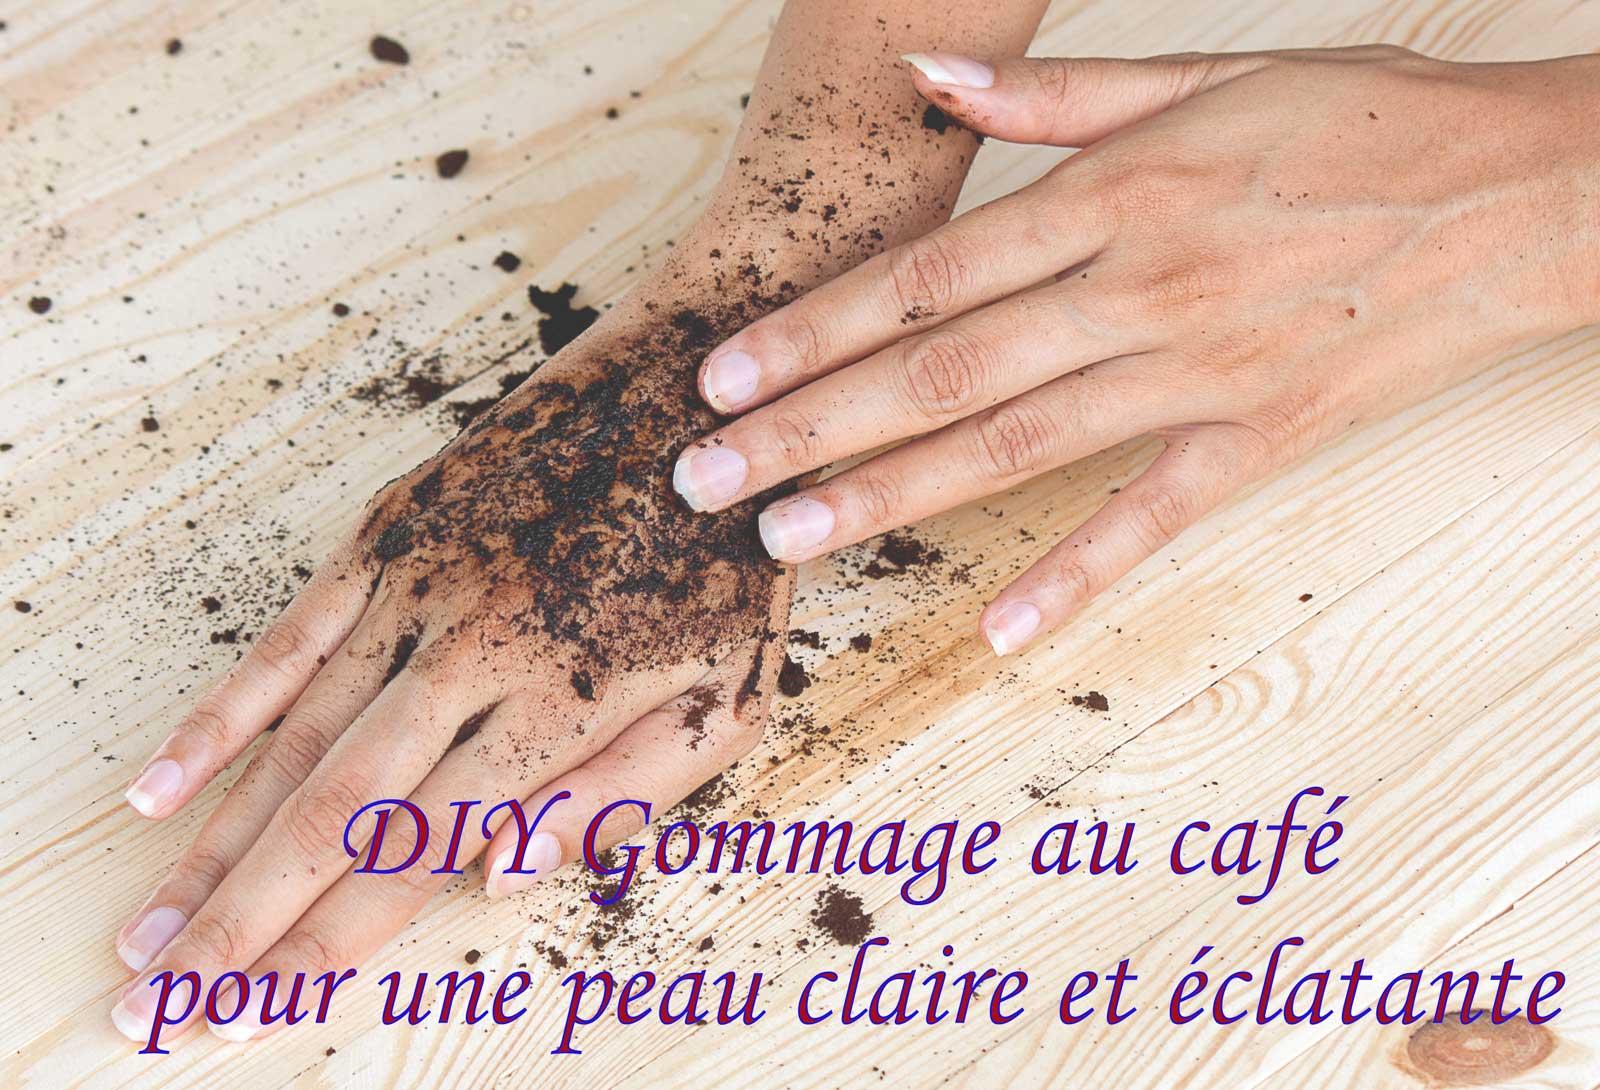 DIY Gommage au café pour une peau claire et éclatante